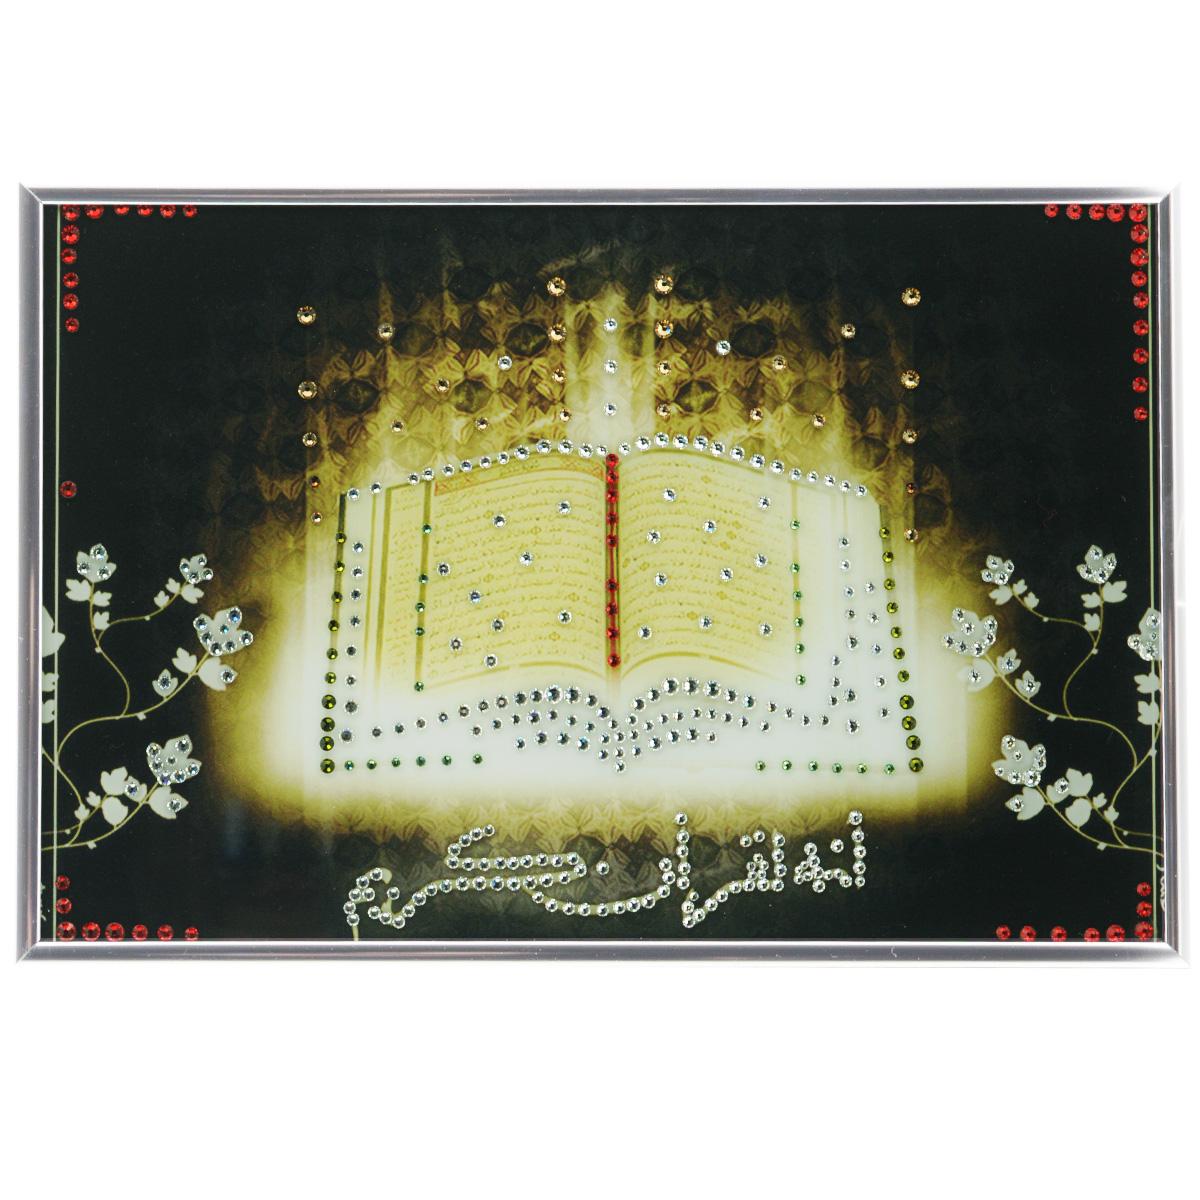 Картина с кристаллами Swarovski Коран, 31 х 21 смIDEA CT3-04Изящная картина в металлической раме, инкрустирована кристаллами Swarovski, которые отличаются четкой и ровной огранкой, ярким блеском и чистотой цвета. Красочное изображение книги и цветочных узоров, расположенное под стеклом, прекрасно дополняет блеск кристаллов. С обратной стороны имеется металлическая петелька для размещения картины на стене. Картина с кристаллами Swarovski Коран элегантно украсит интерьер дома или офиса, а также станет прекрасным подарком, который обязательно понравится получателю. Блеск кристаллов в интерьере, что может быть сказочнее и удивительнее. Картина упакована в подарочную картонную коробку синего цвета и комплектуется сертификатом соответствия Swarovski.